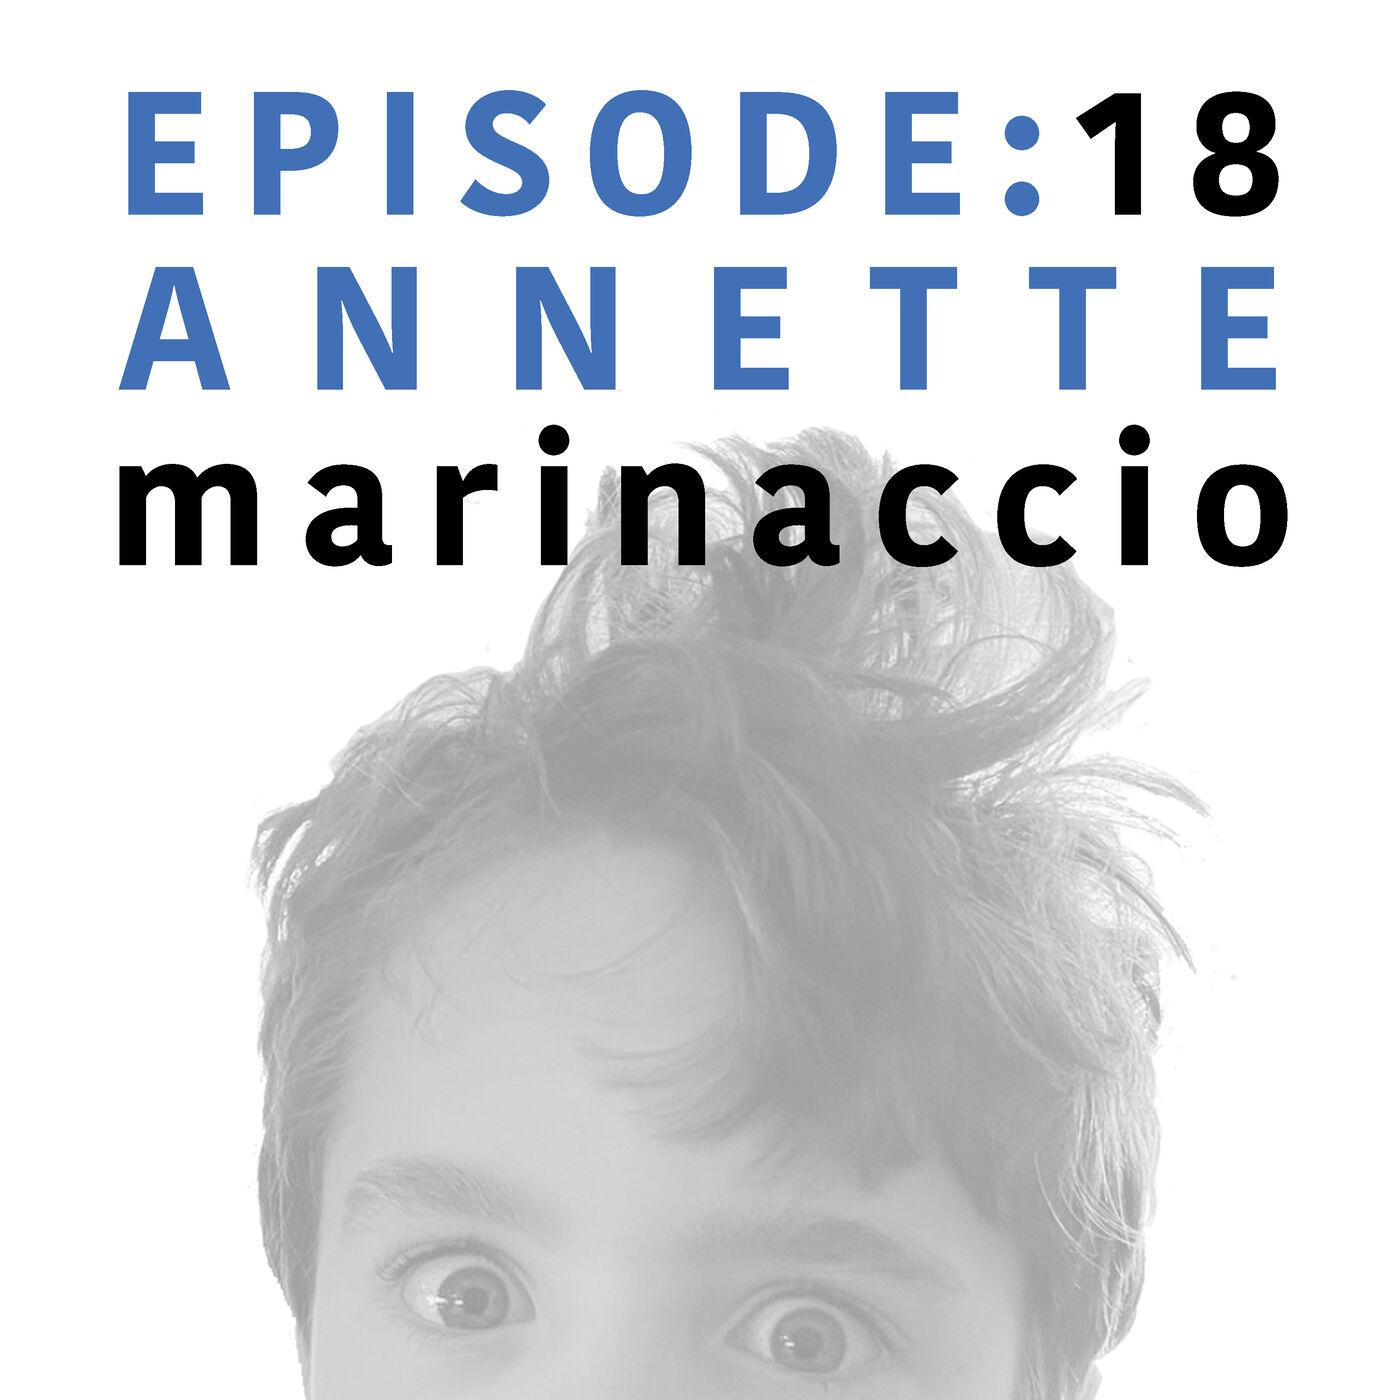 EP 18   Annette Marinaccio